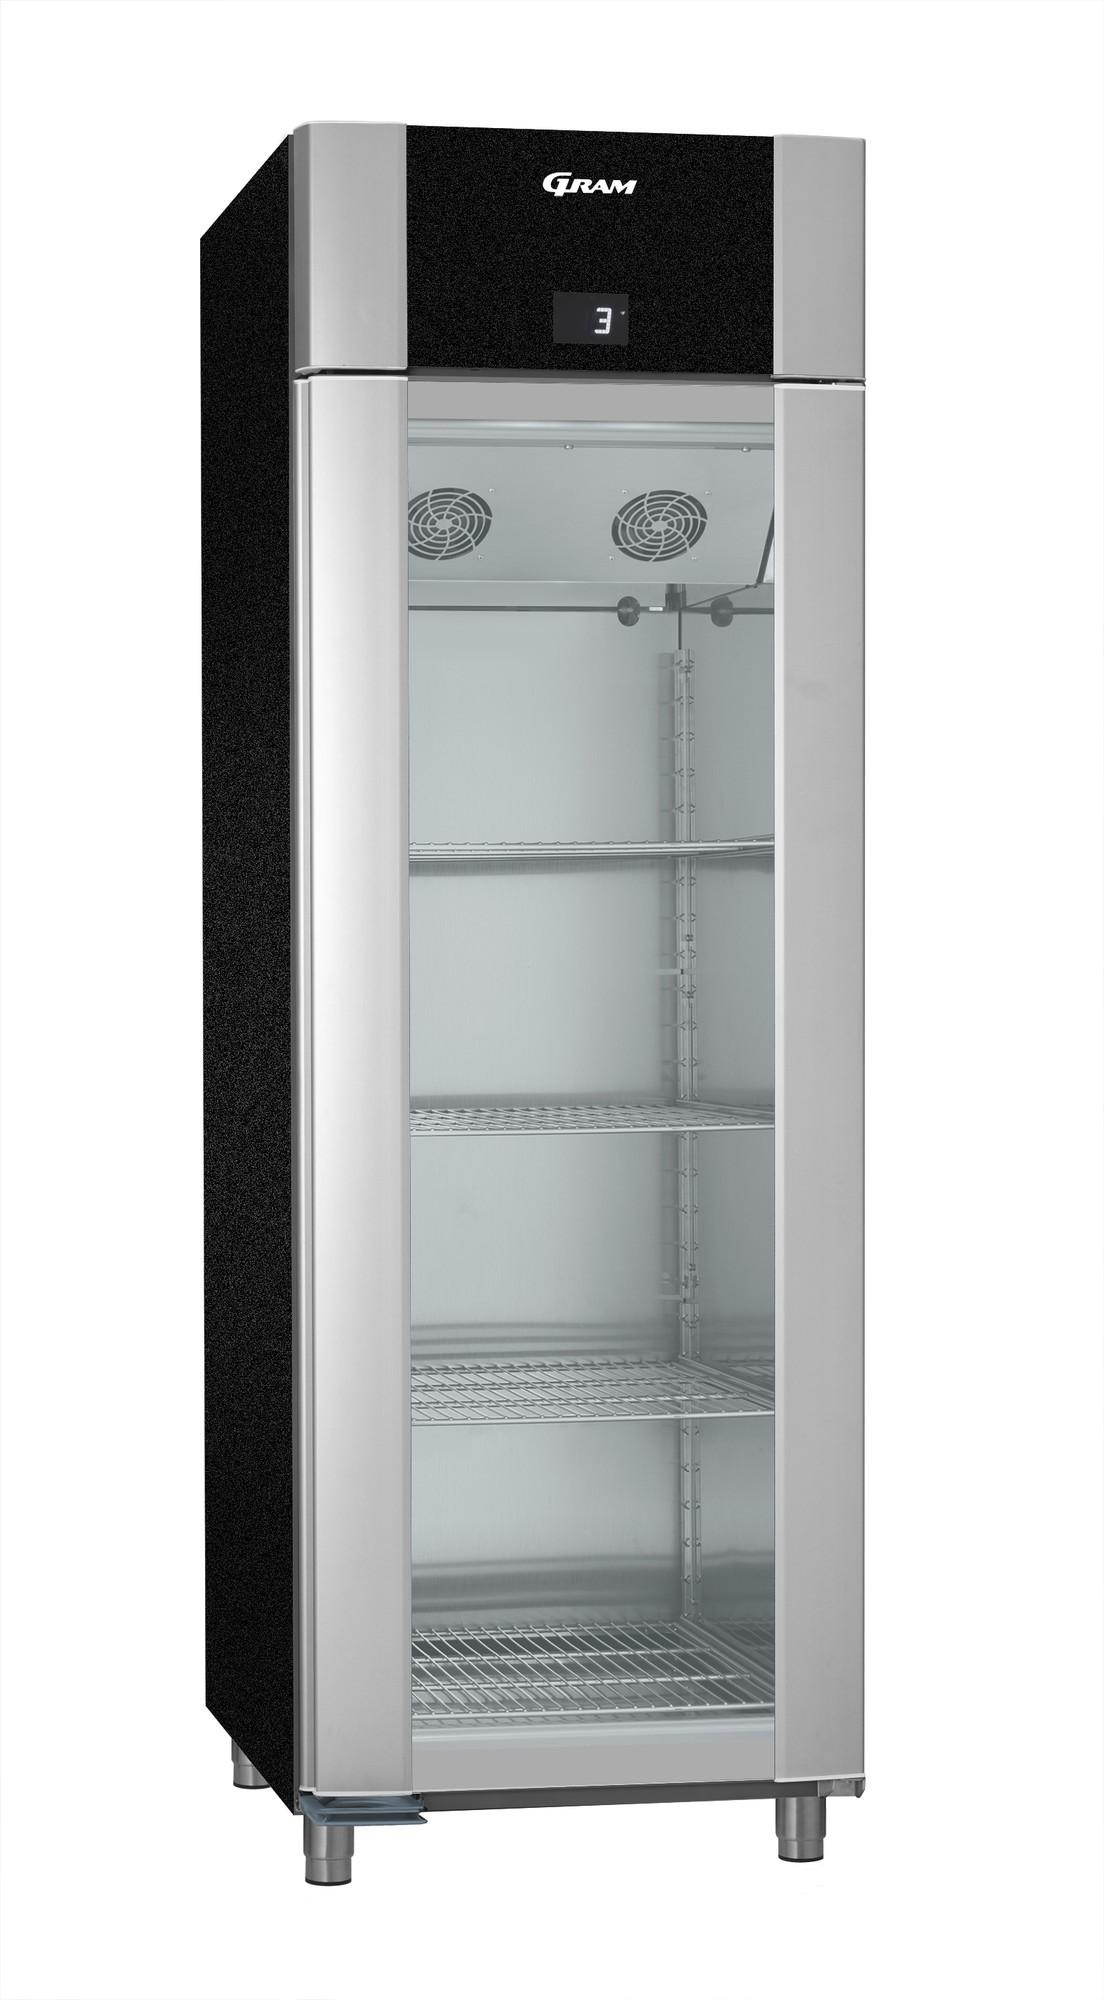 Glasdeur koelkast  u2013 Huishoudelijke apparaten vanuit een andere hoek